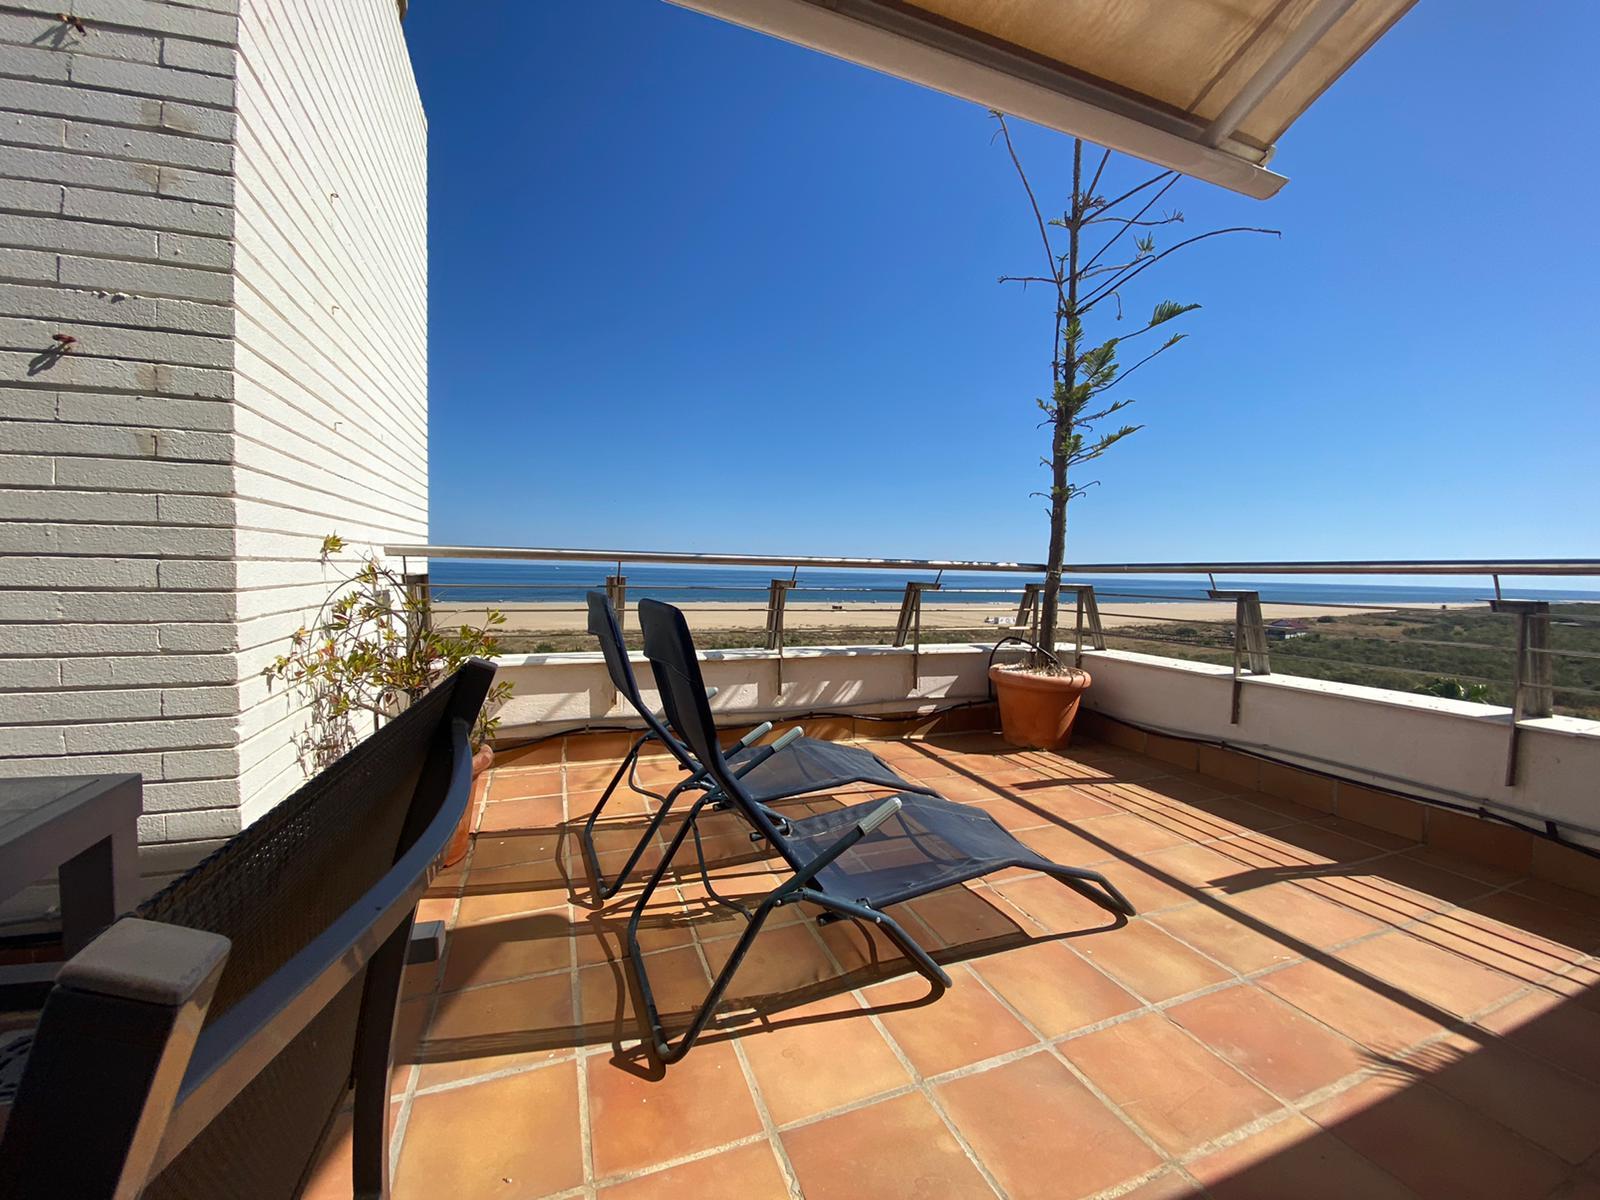 Imagen 48 del Apartamento Turístico, Ático 3 Levante, Frontal (4d+2b), Punta del Moral (HUELVA), Paseo de la Cruz nº22